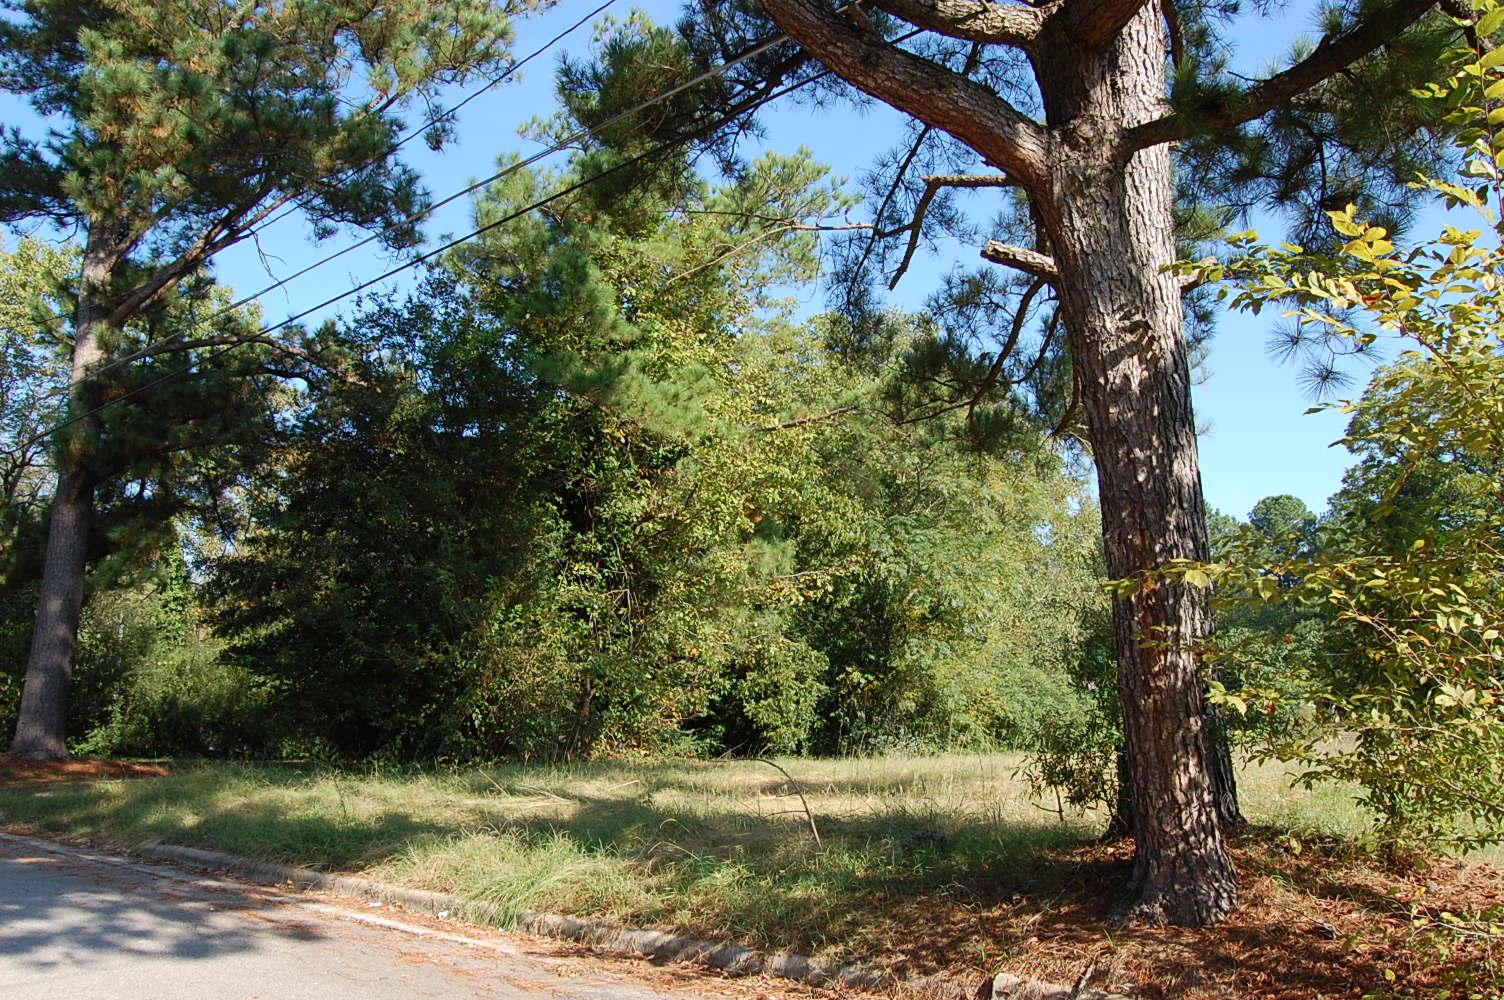 Green North Carolina Neighborhood Getaway - Image 5